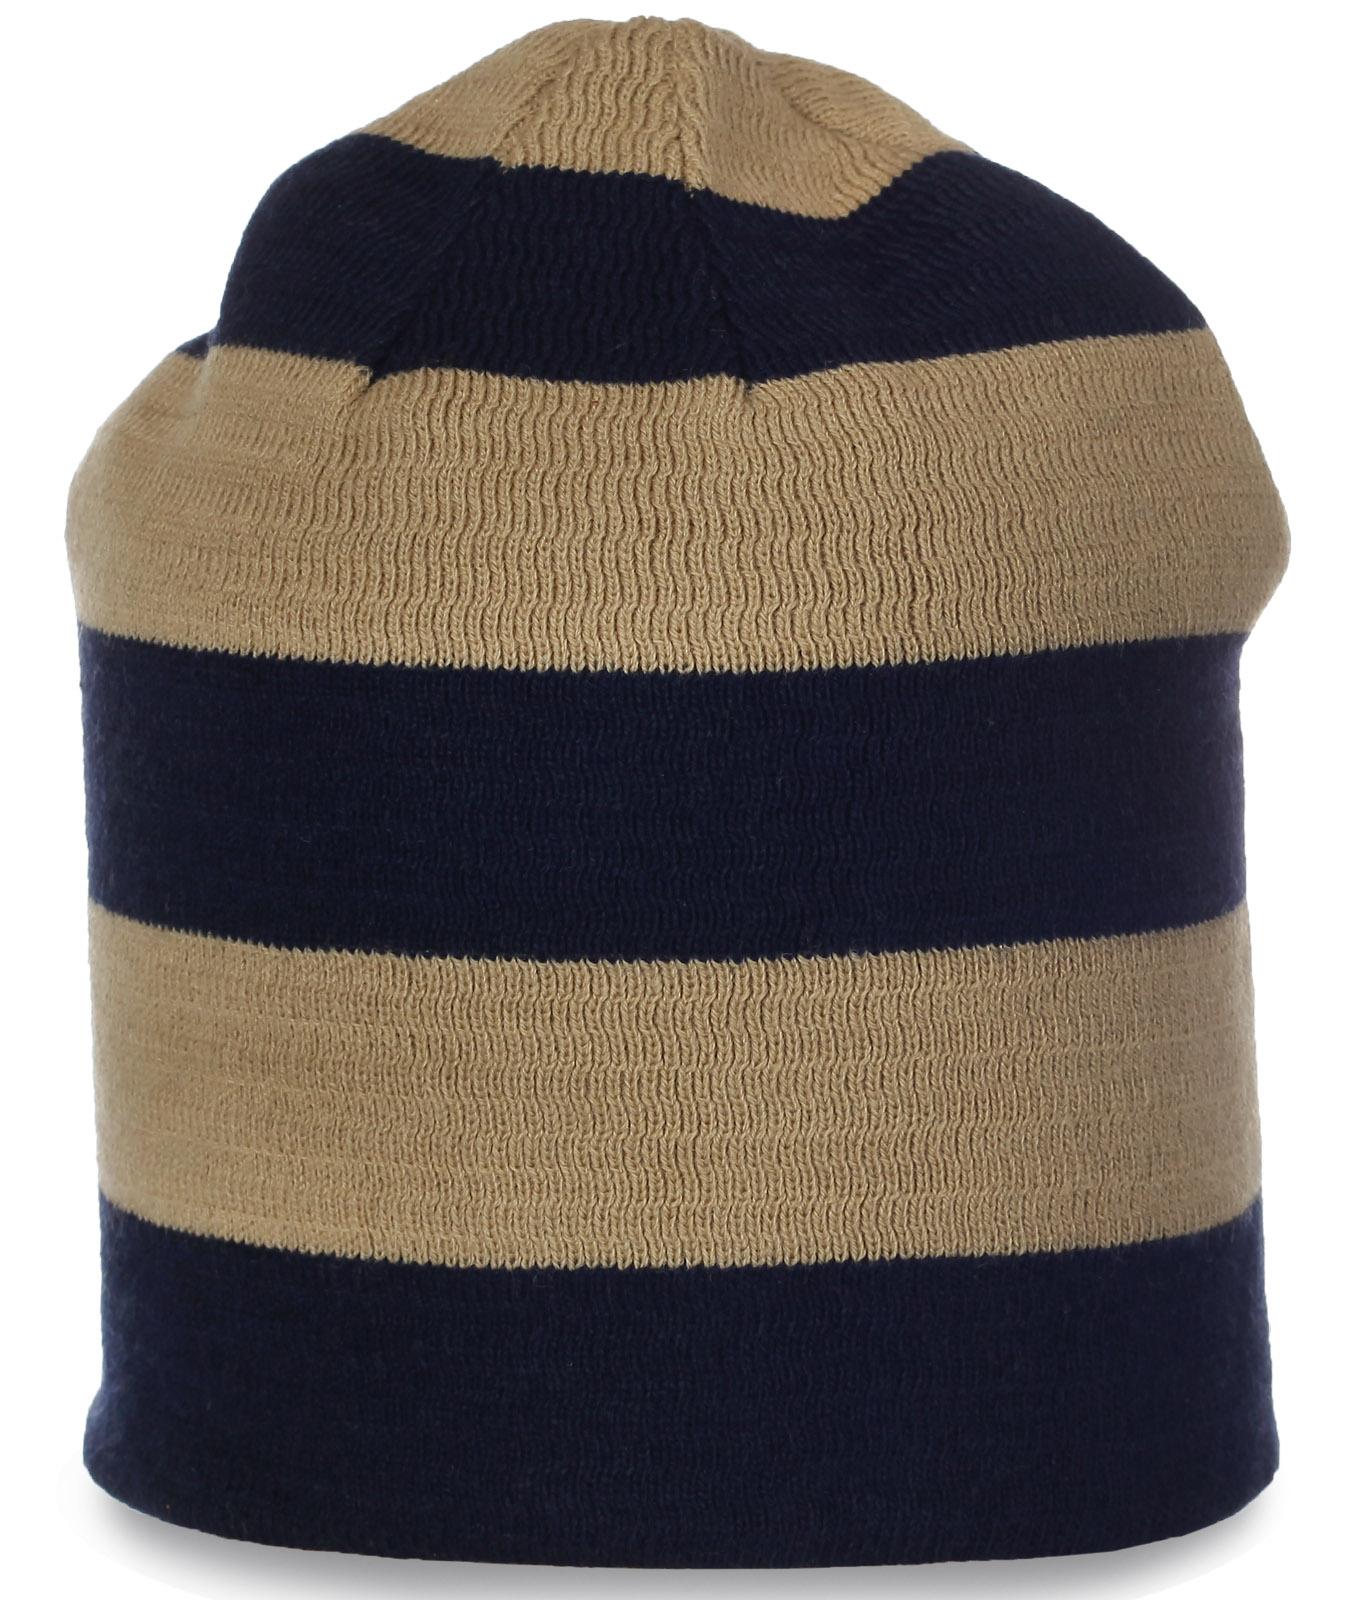 Женская шапка в полоску. Современная модель для спорта и не только. Качественный головной убор для любой погоды